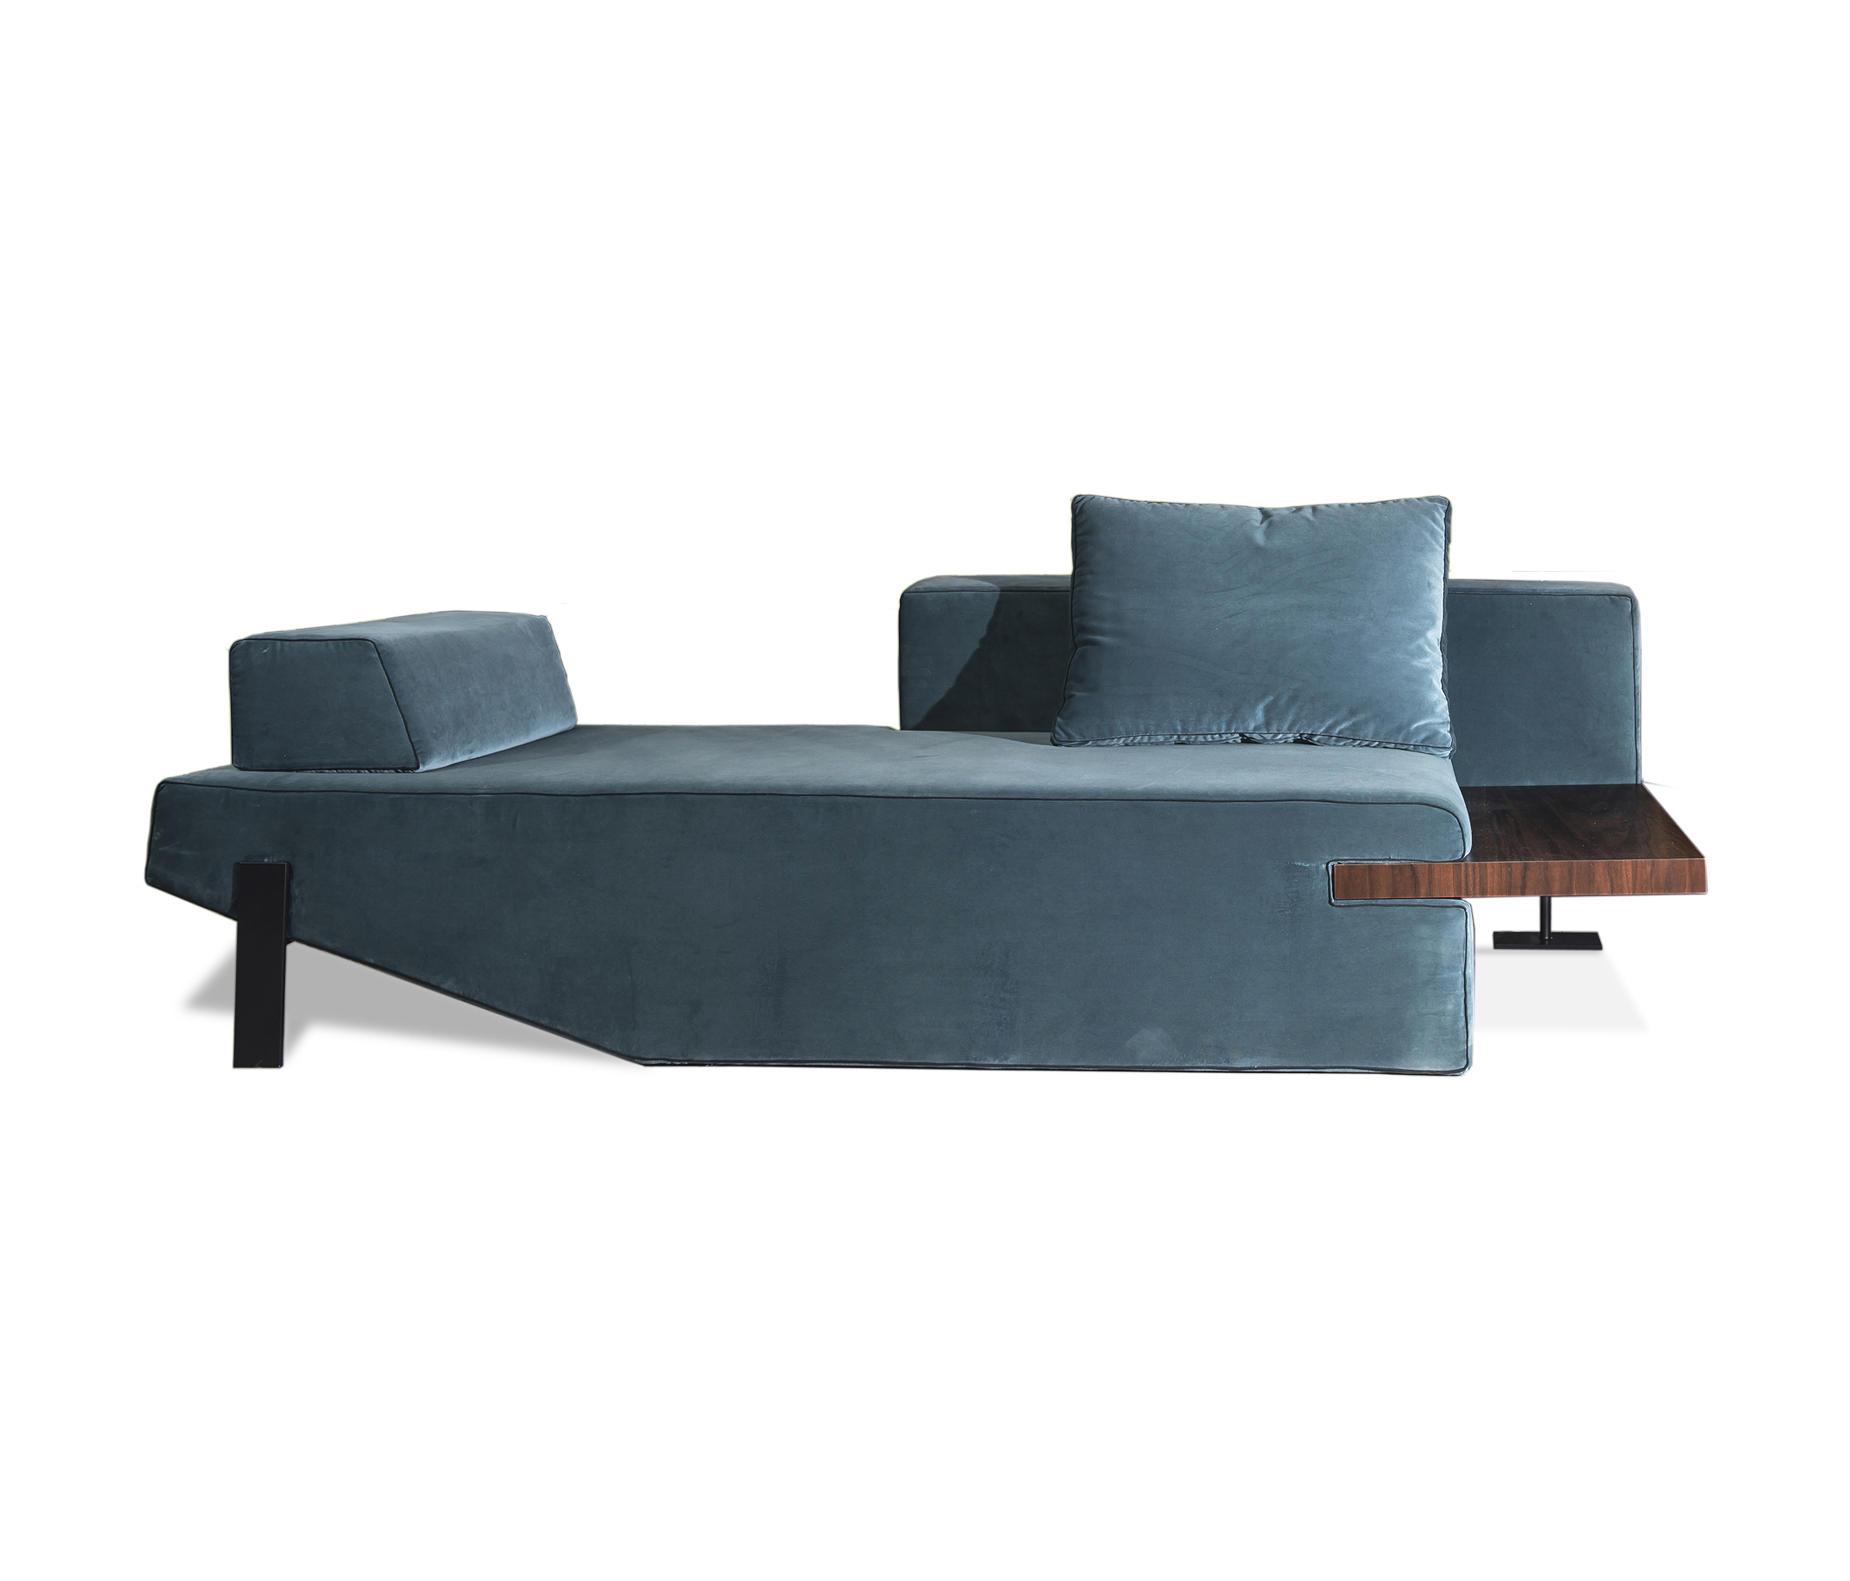 Surf Sofa by MOYA